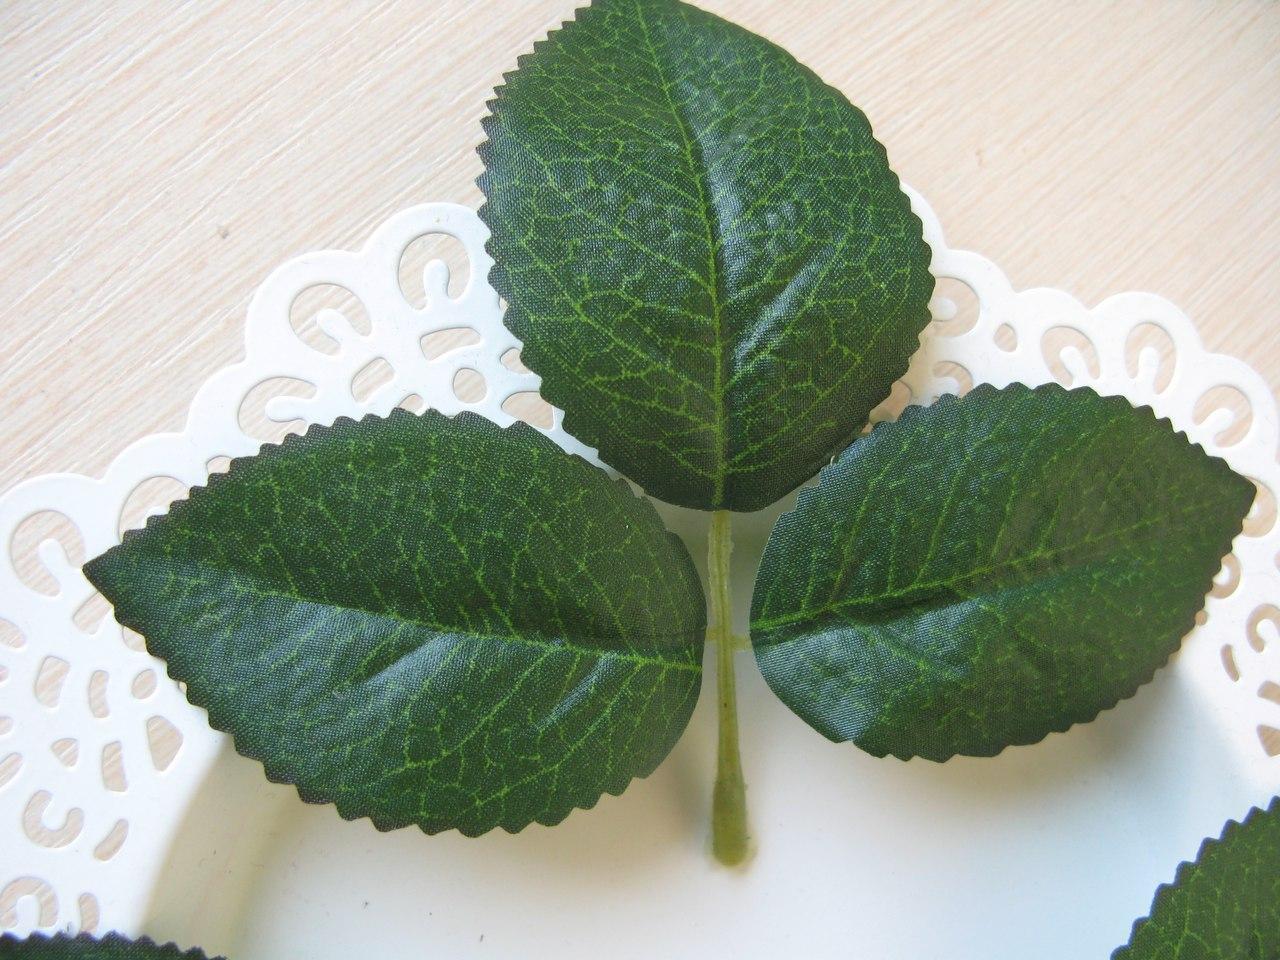 Лист тканевый. Высота центрального листа 7 см, боковые по 6 см. Вся веточки 11 см